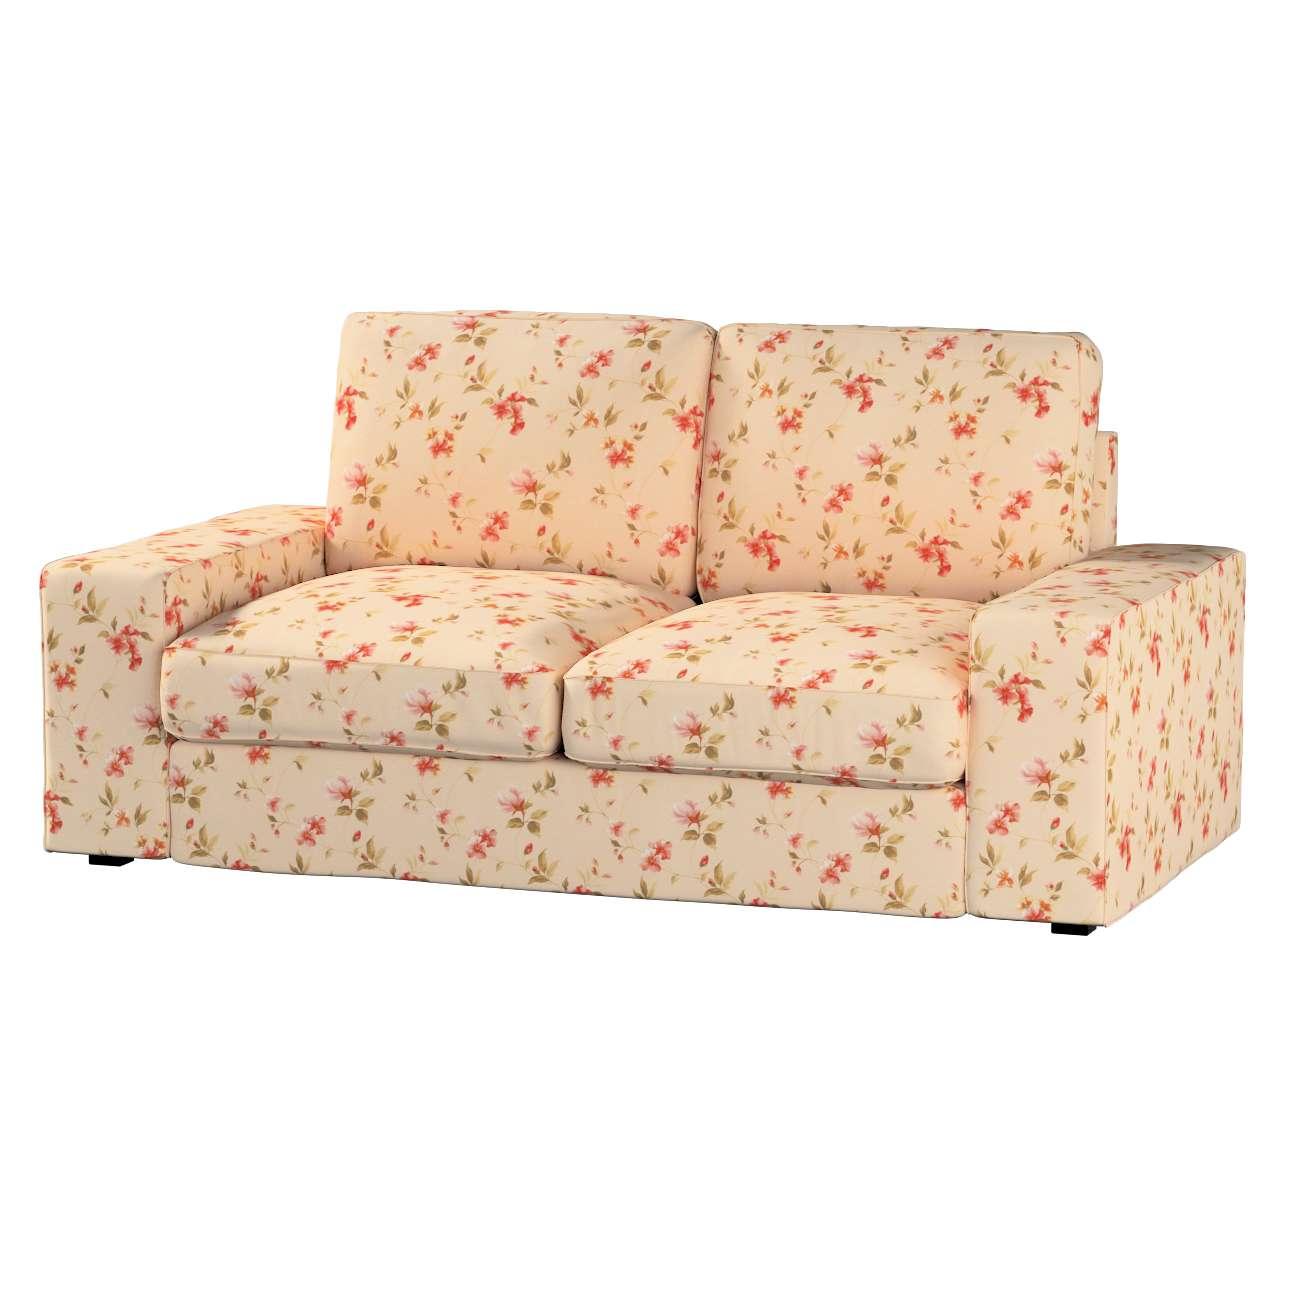 Pokrowiec na sofę Kivik 2-osobową, nierozkładaną Sofa Kivik 2-osobowa w kolekcji Londres, tkanina: 124-05